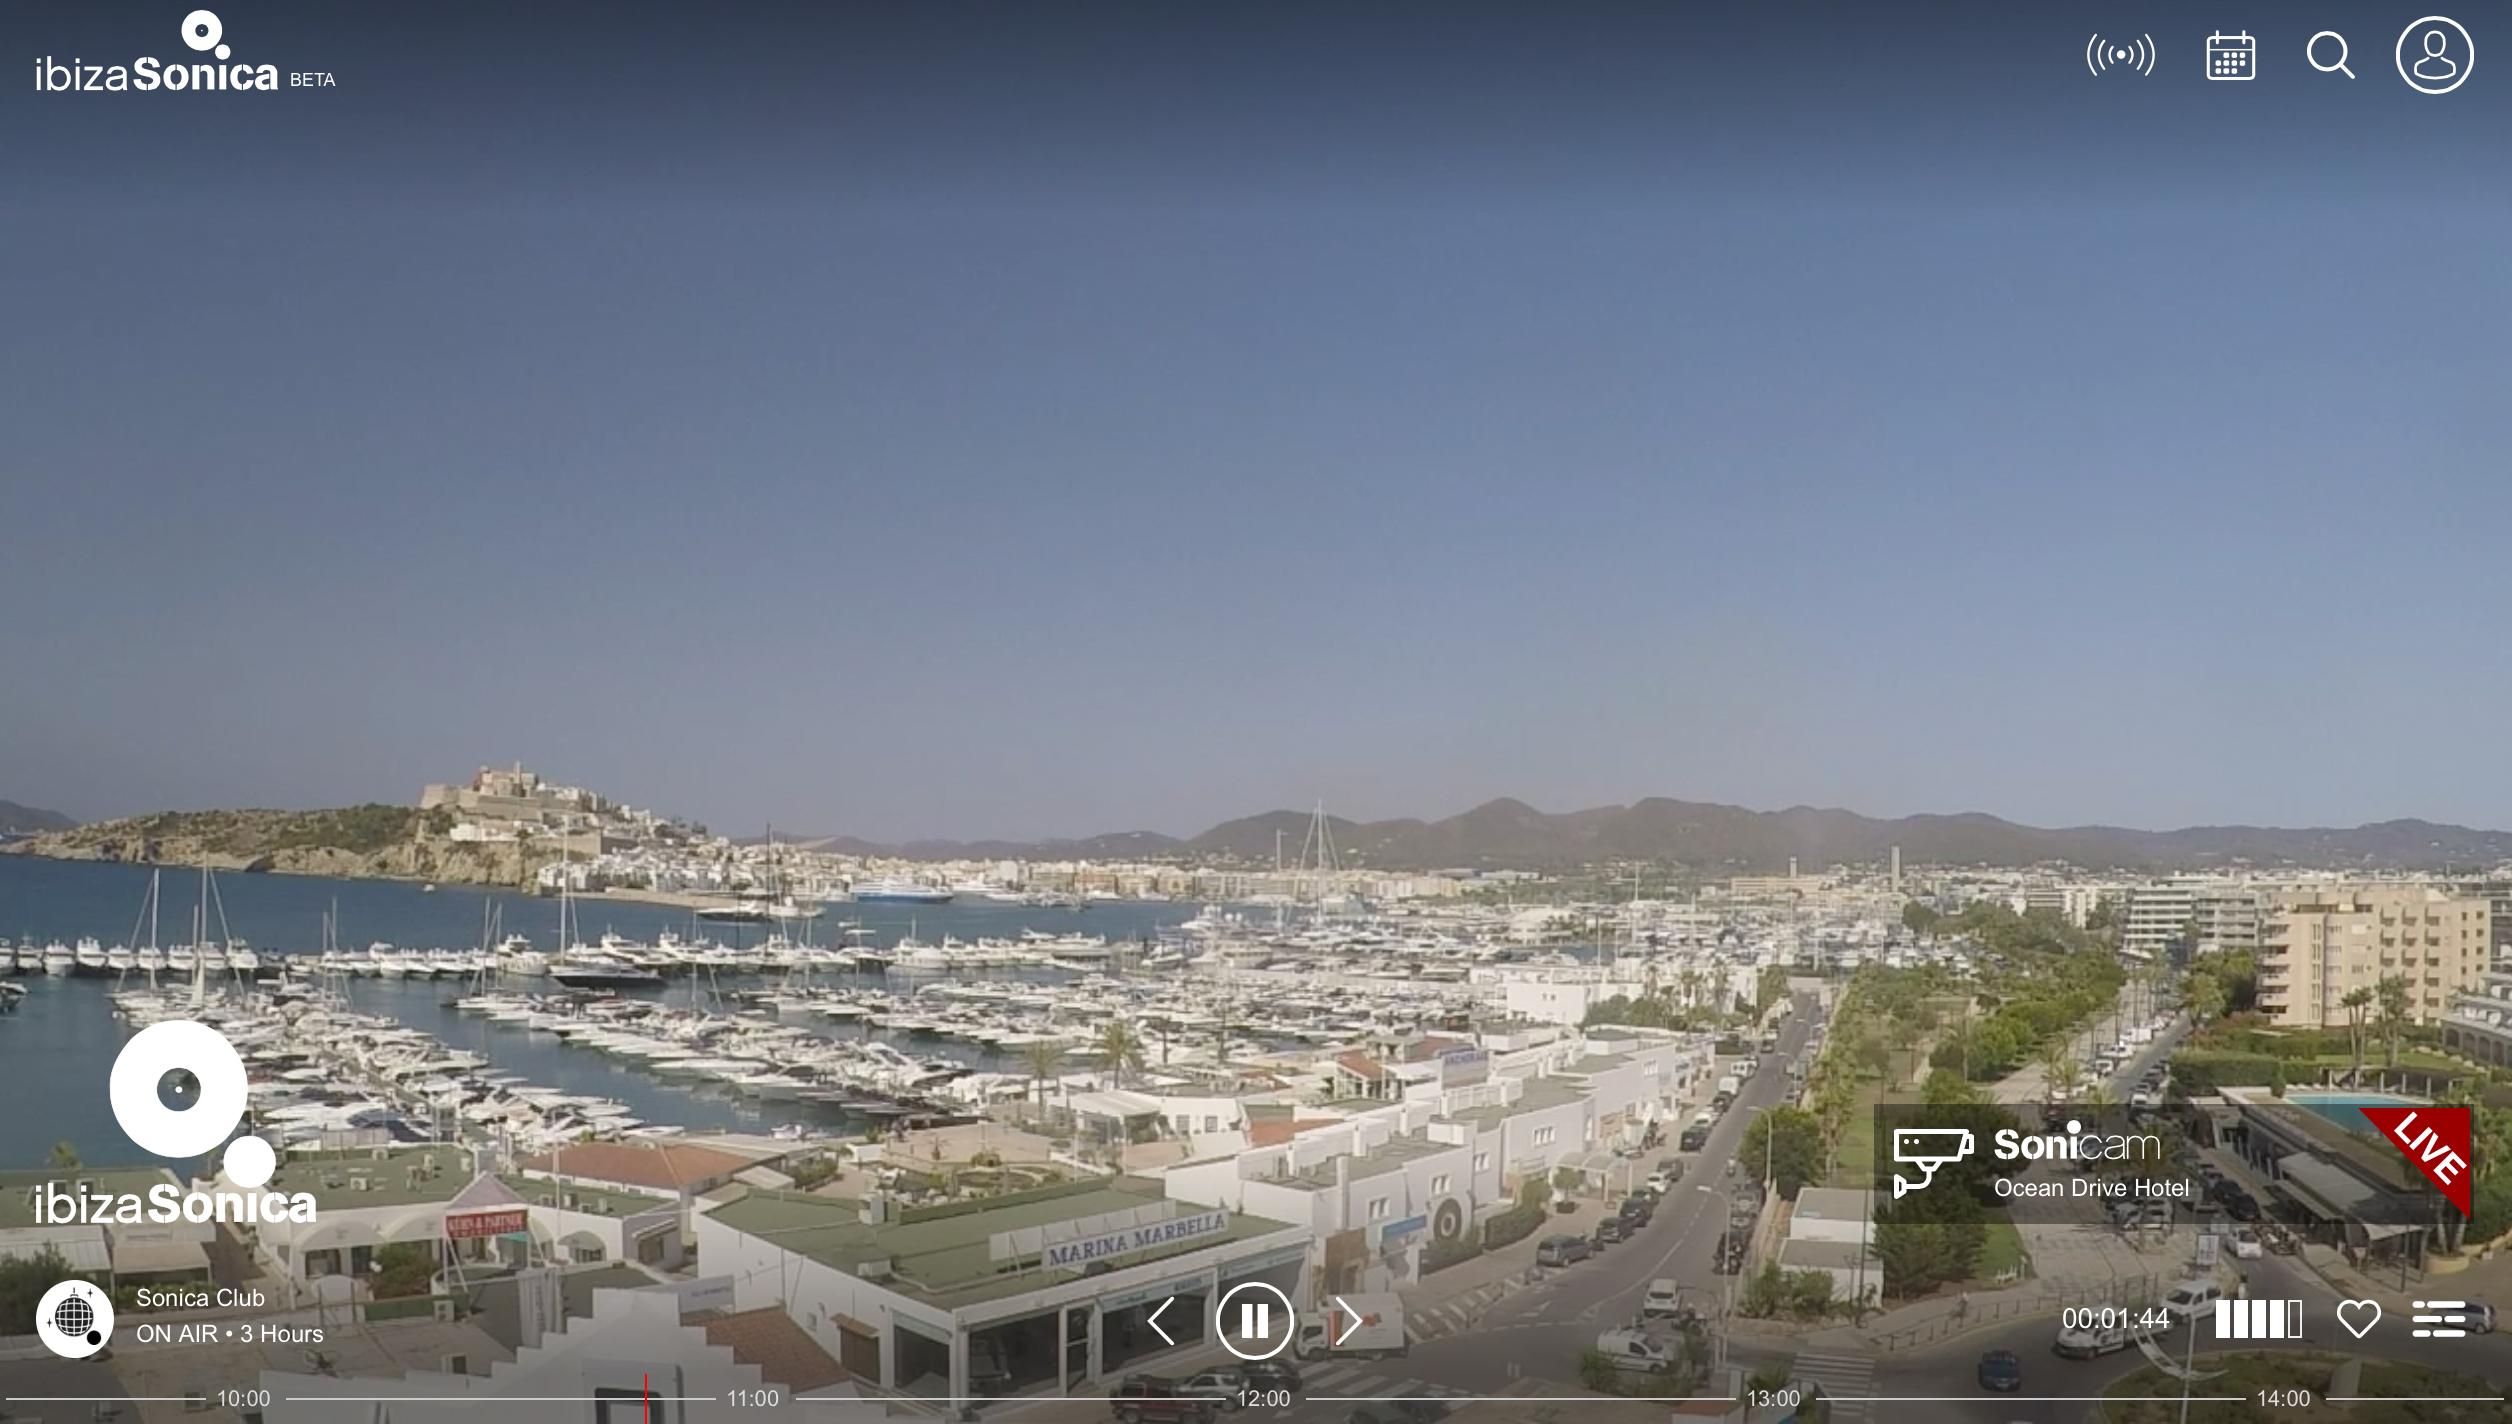 Ibiza ohne Ibiza: der virtuelle Urlaub mit Ibiza Sonica